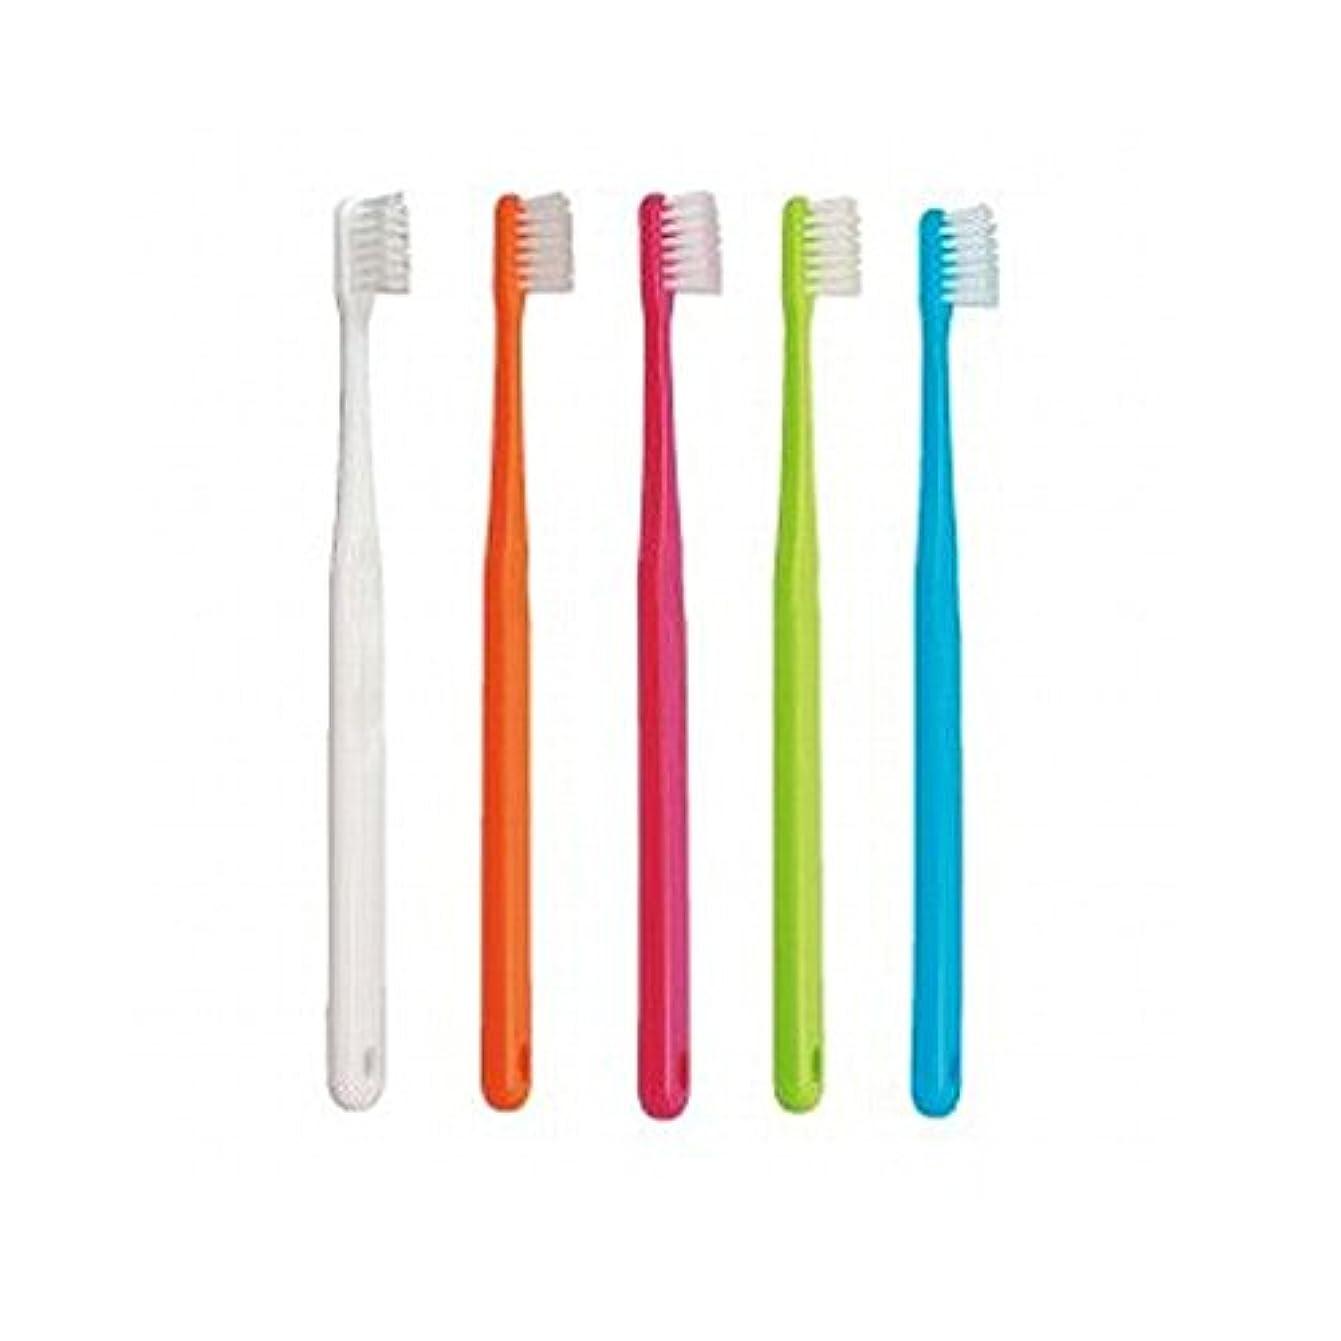 脳意気込みコンチネンタル【Ci/シーアイ】【歯科用】Ci702 25本【歯ブラシ】【ふつう】【極薄ヘッド】ハンドルカラー5色選択不可